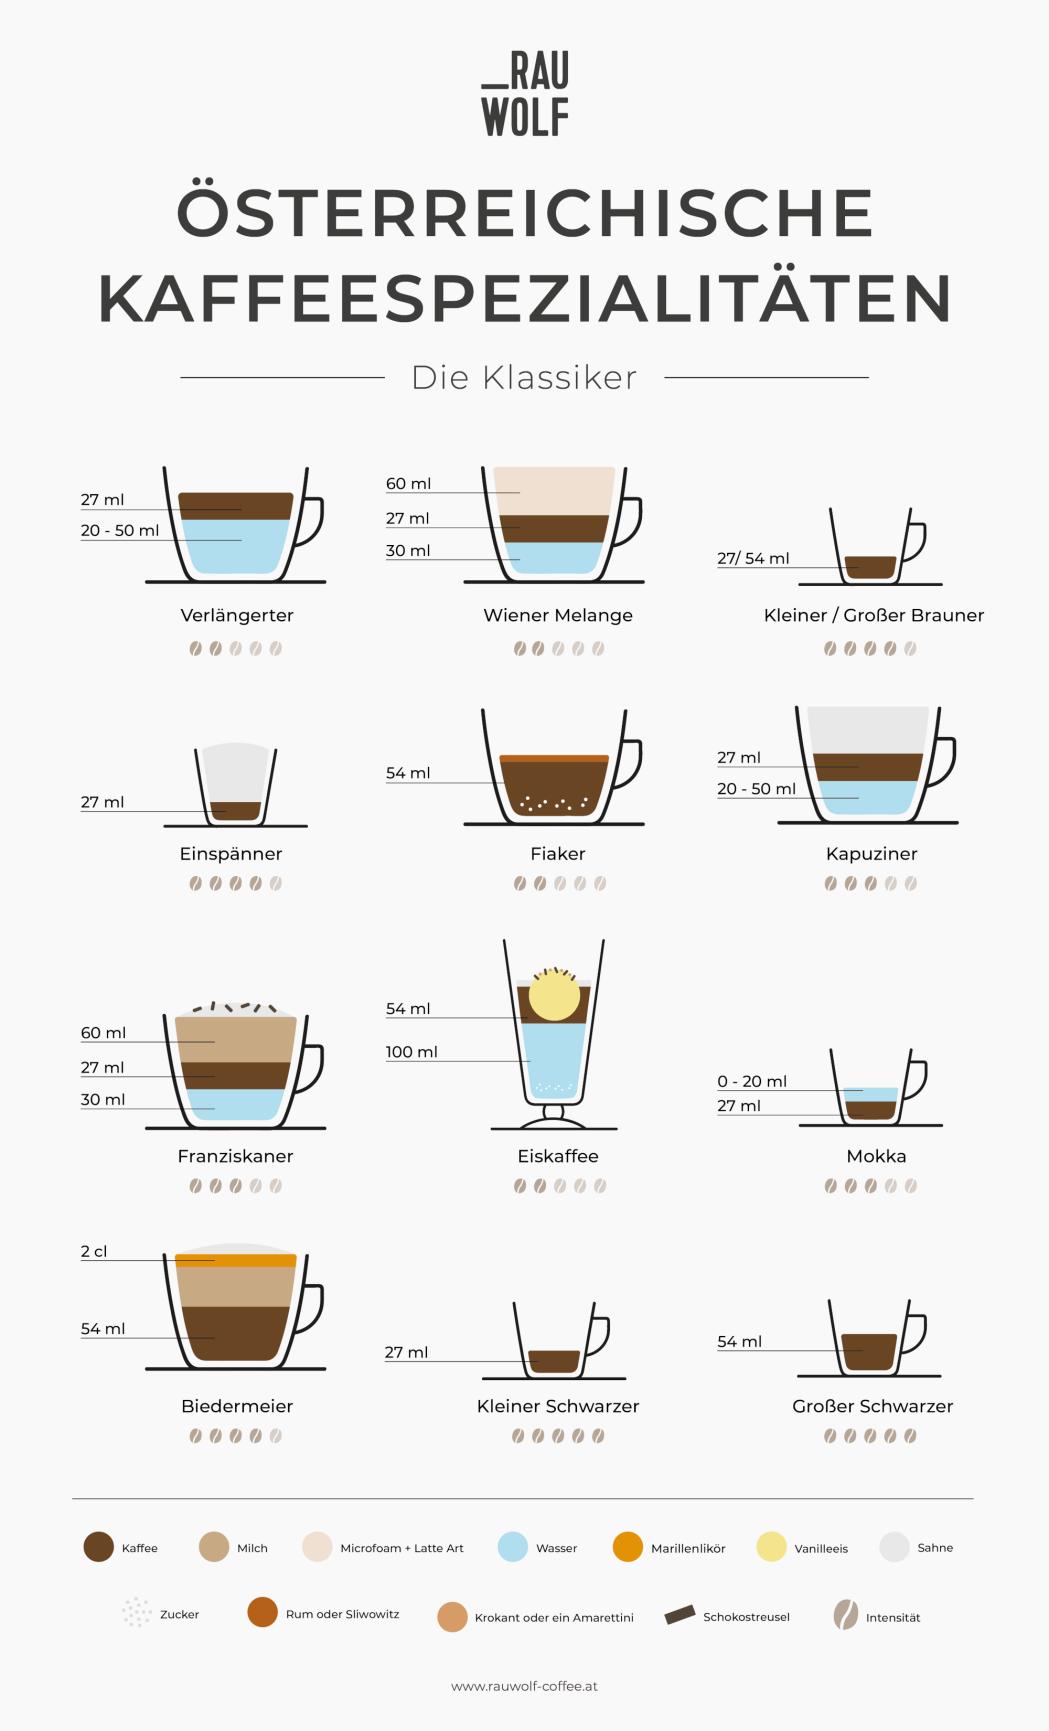 Österreichische Kaffeespezialitäten